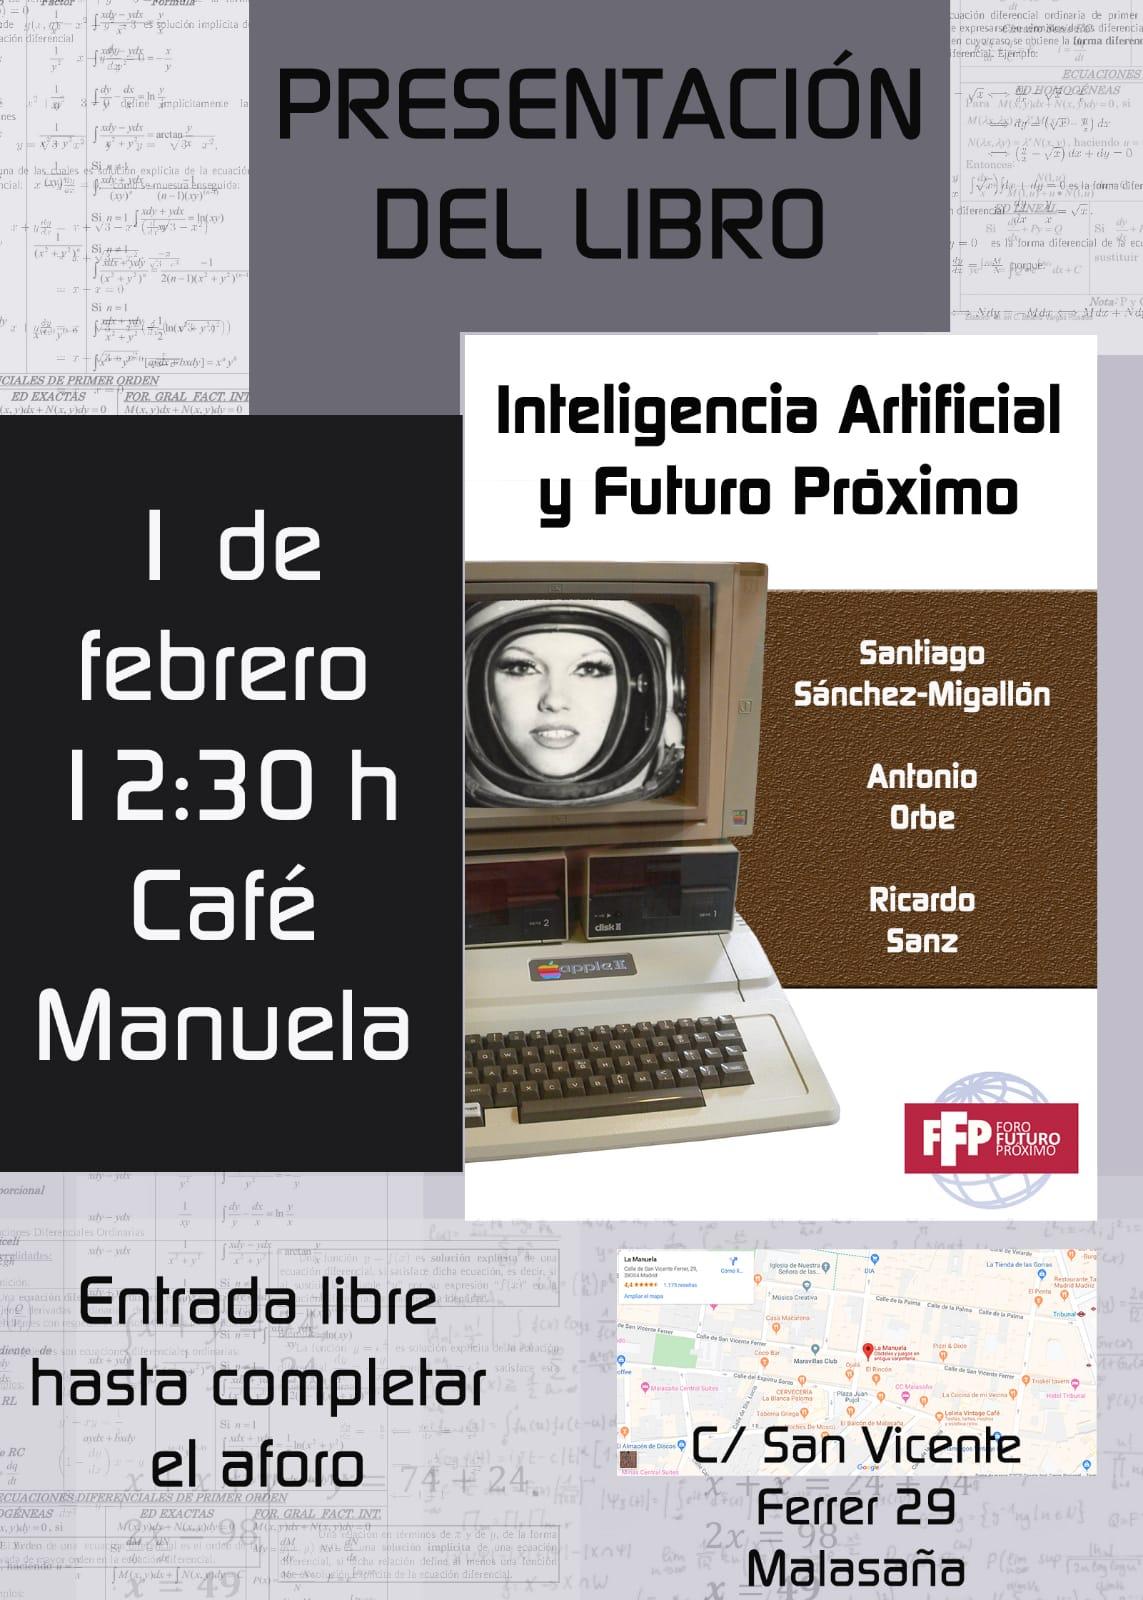 Presentación del libro Inteligencia Artificial y Futuro Próximo